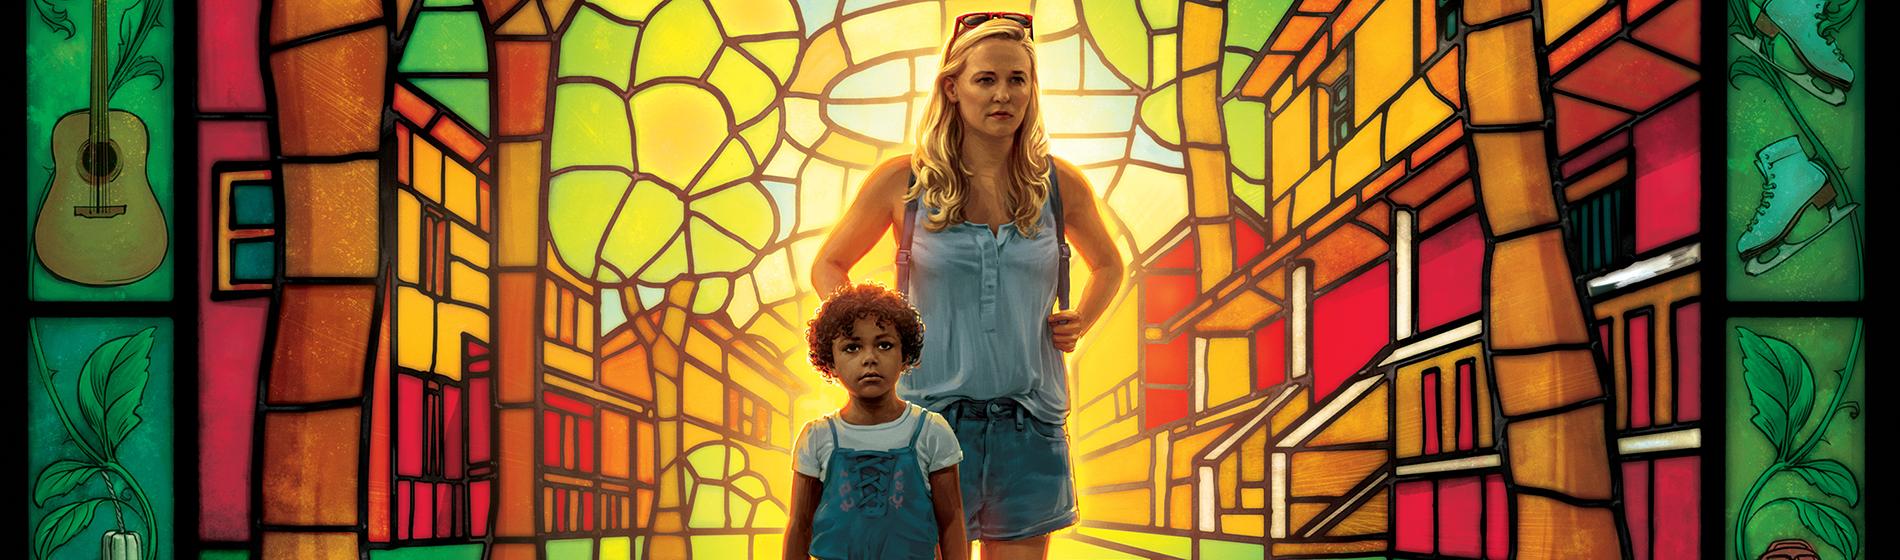 Saint Frances movie poster